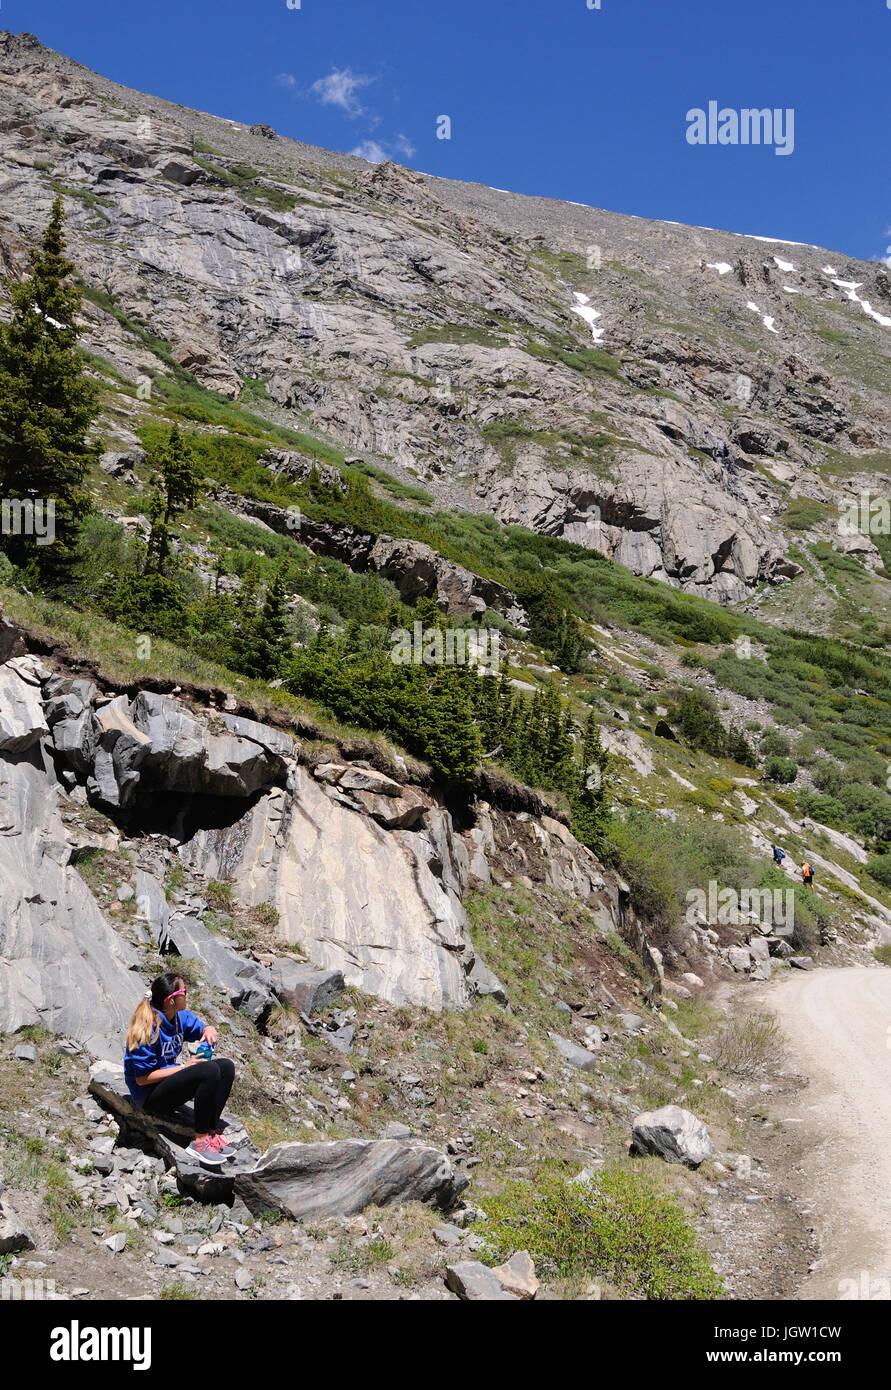 Lakes-Monte bleu Cristo Gulch près de Breckenridge, Colorado, USA Banque D'Images